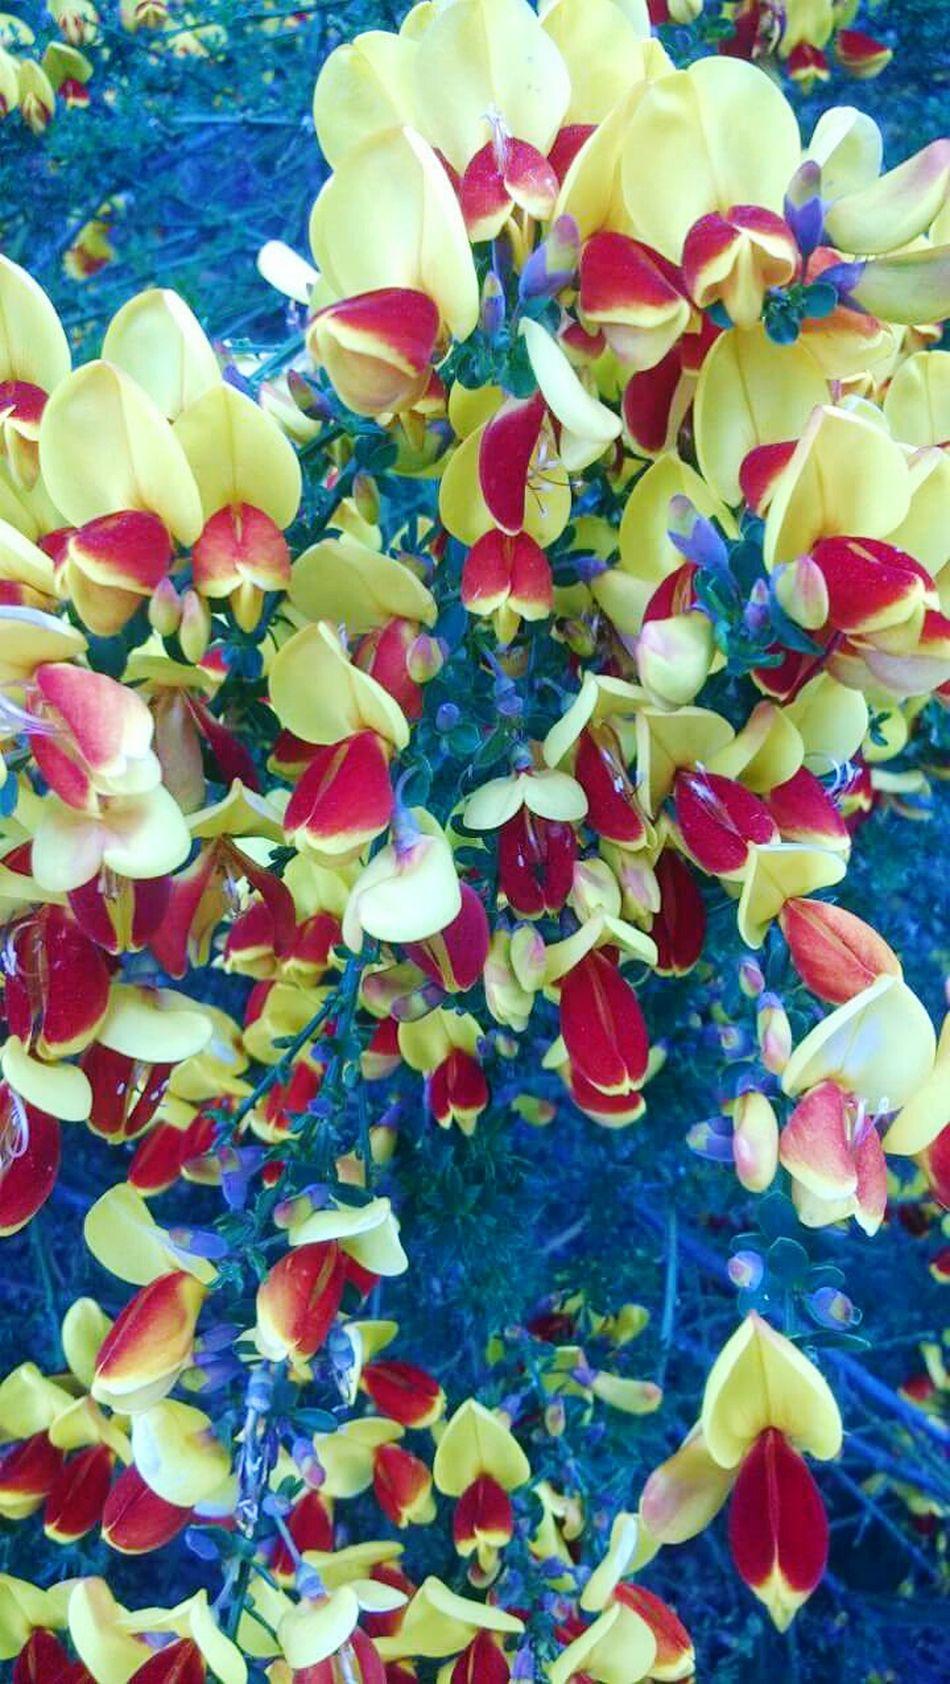 Belleza Belleza De La Naturaleza Enamorate❤ Conejitos Amarillos Beauty In Nature Naturaleza Fascinante Flores Y Más Flores